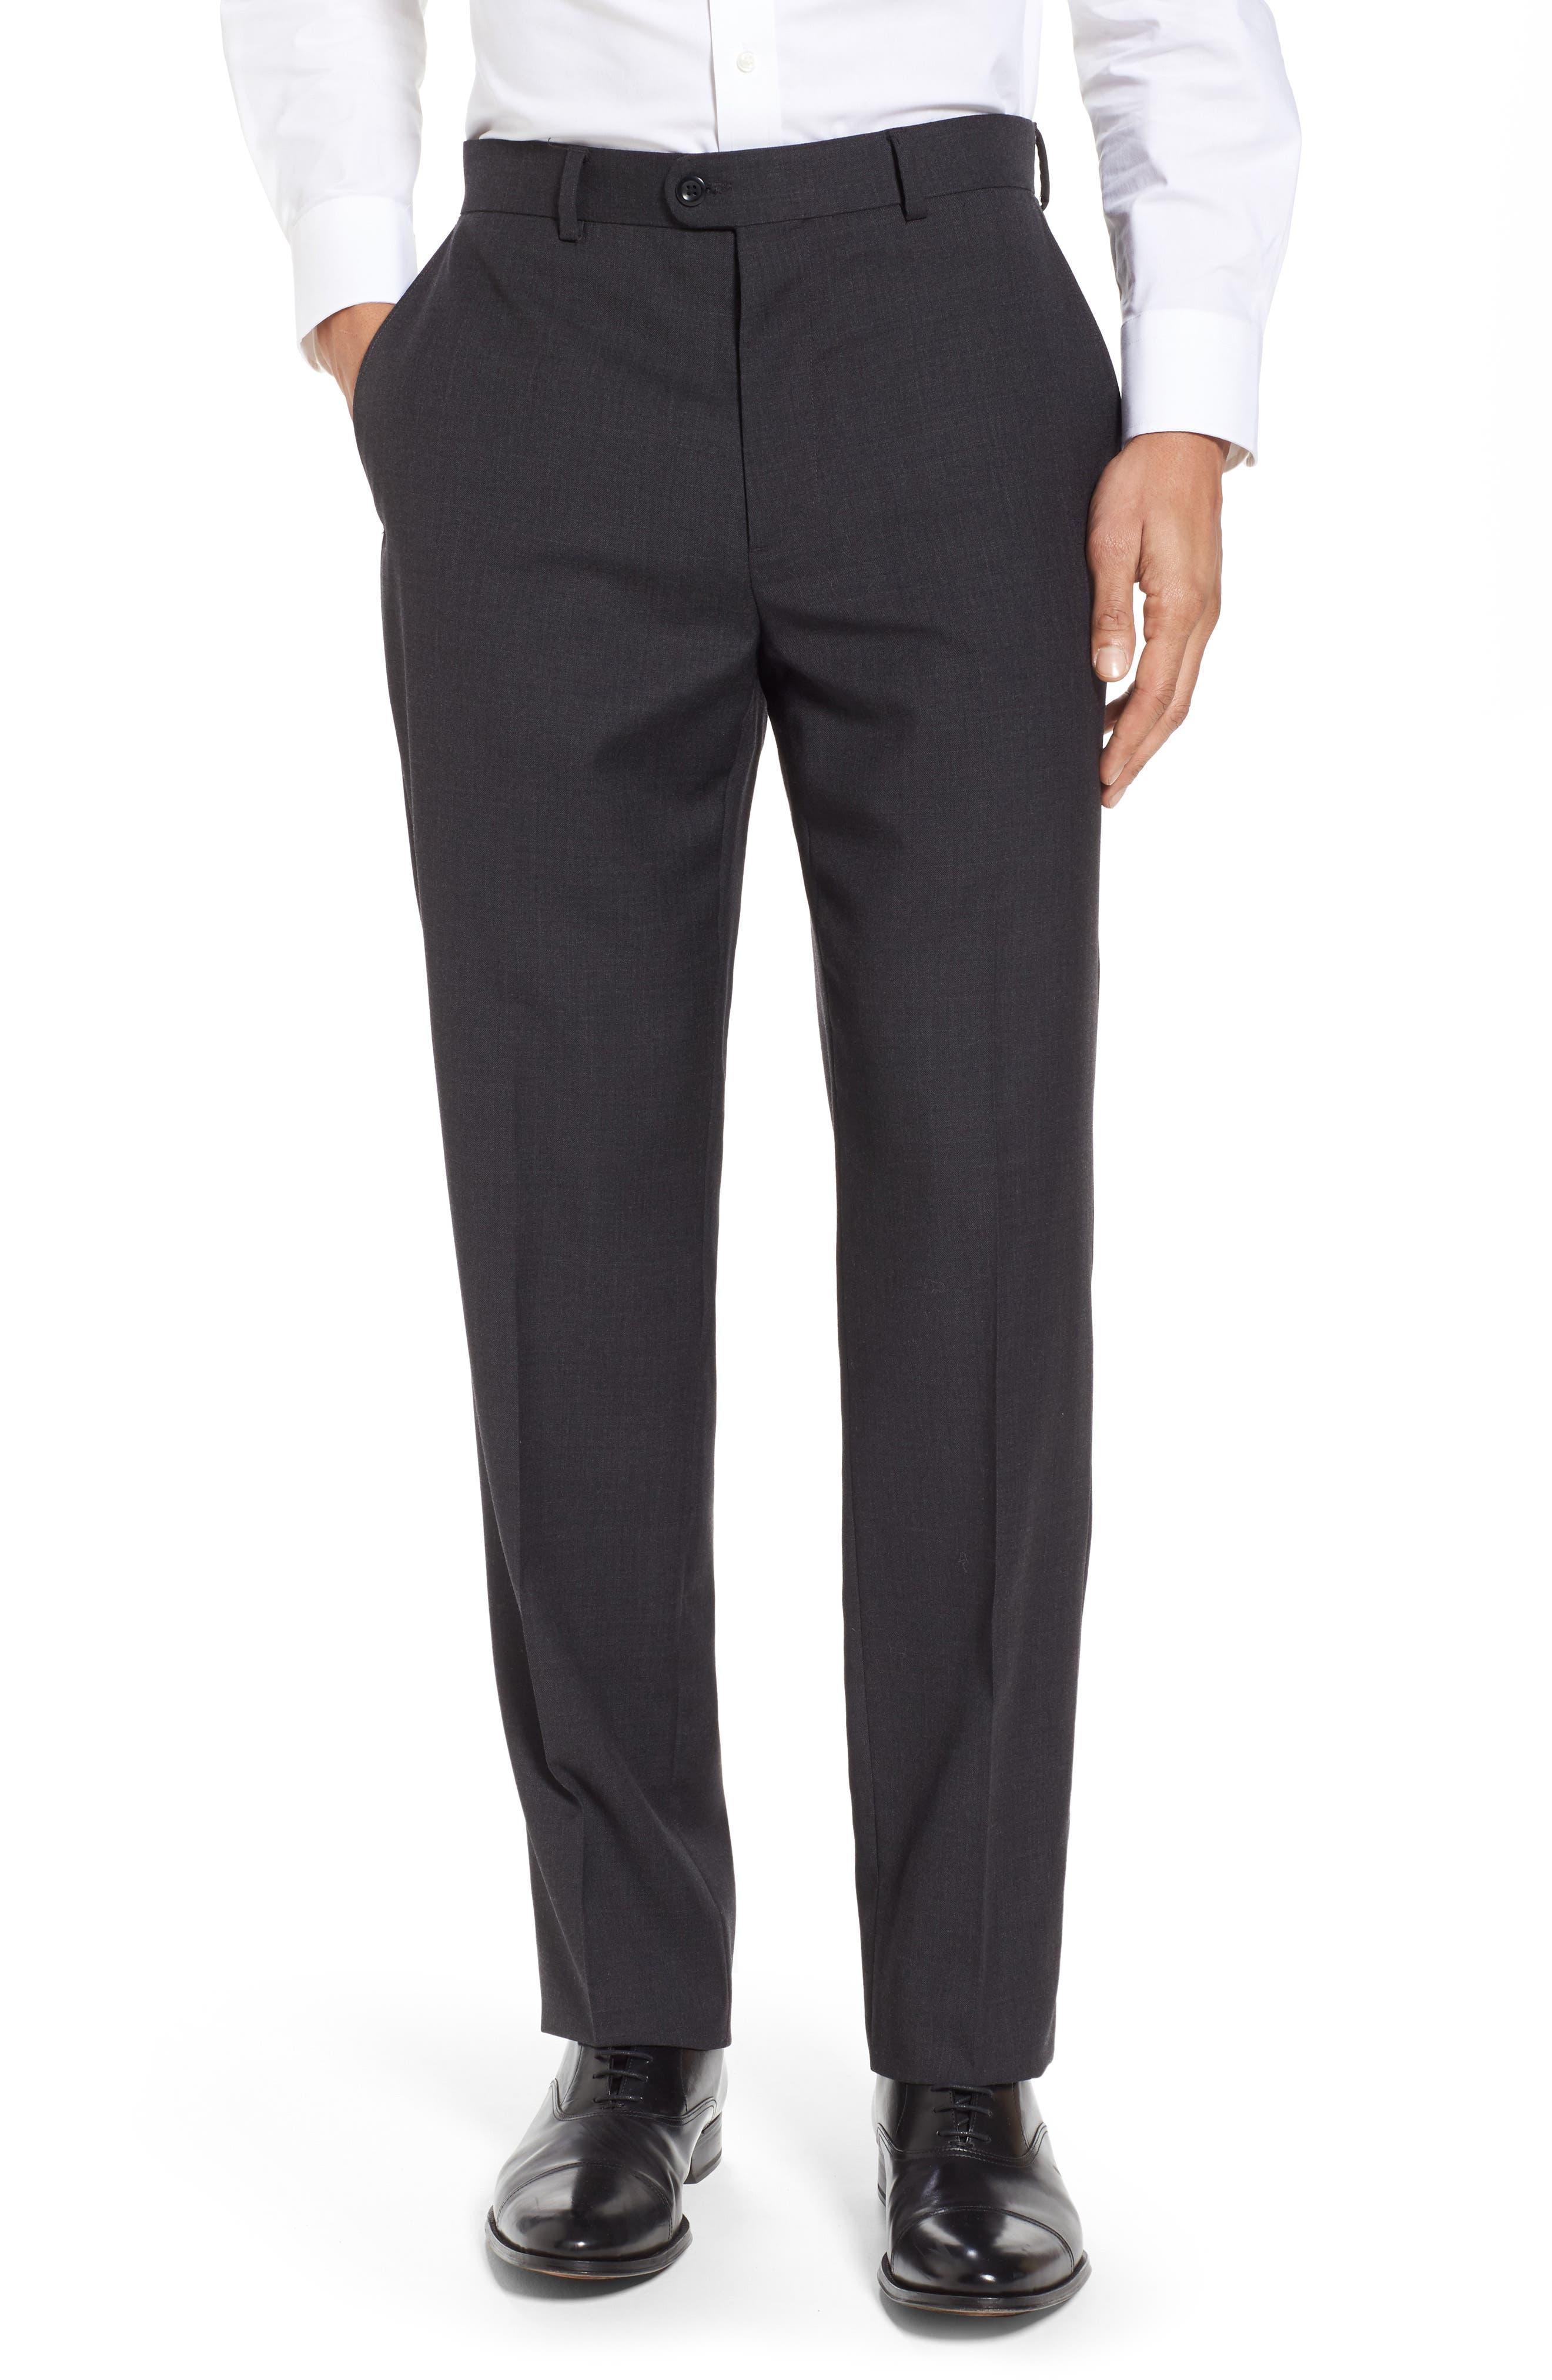 Gab Trim Fit Flat Front Pants,                         Main,                         color, 002